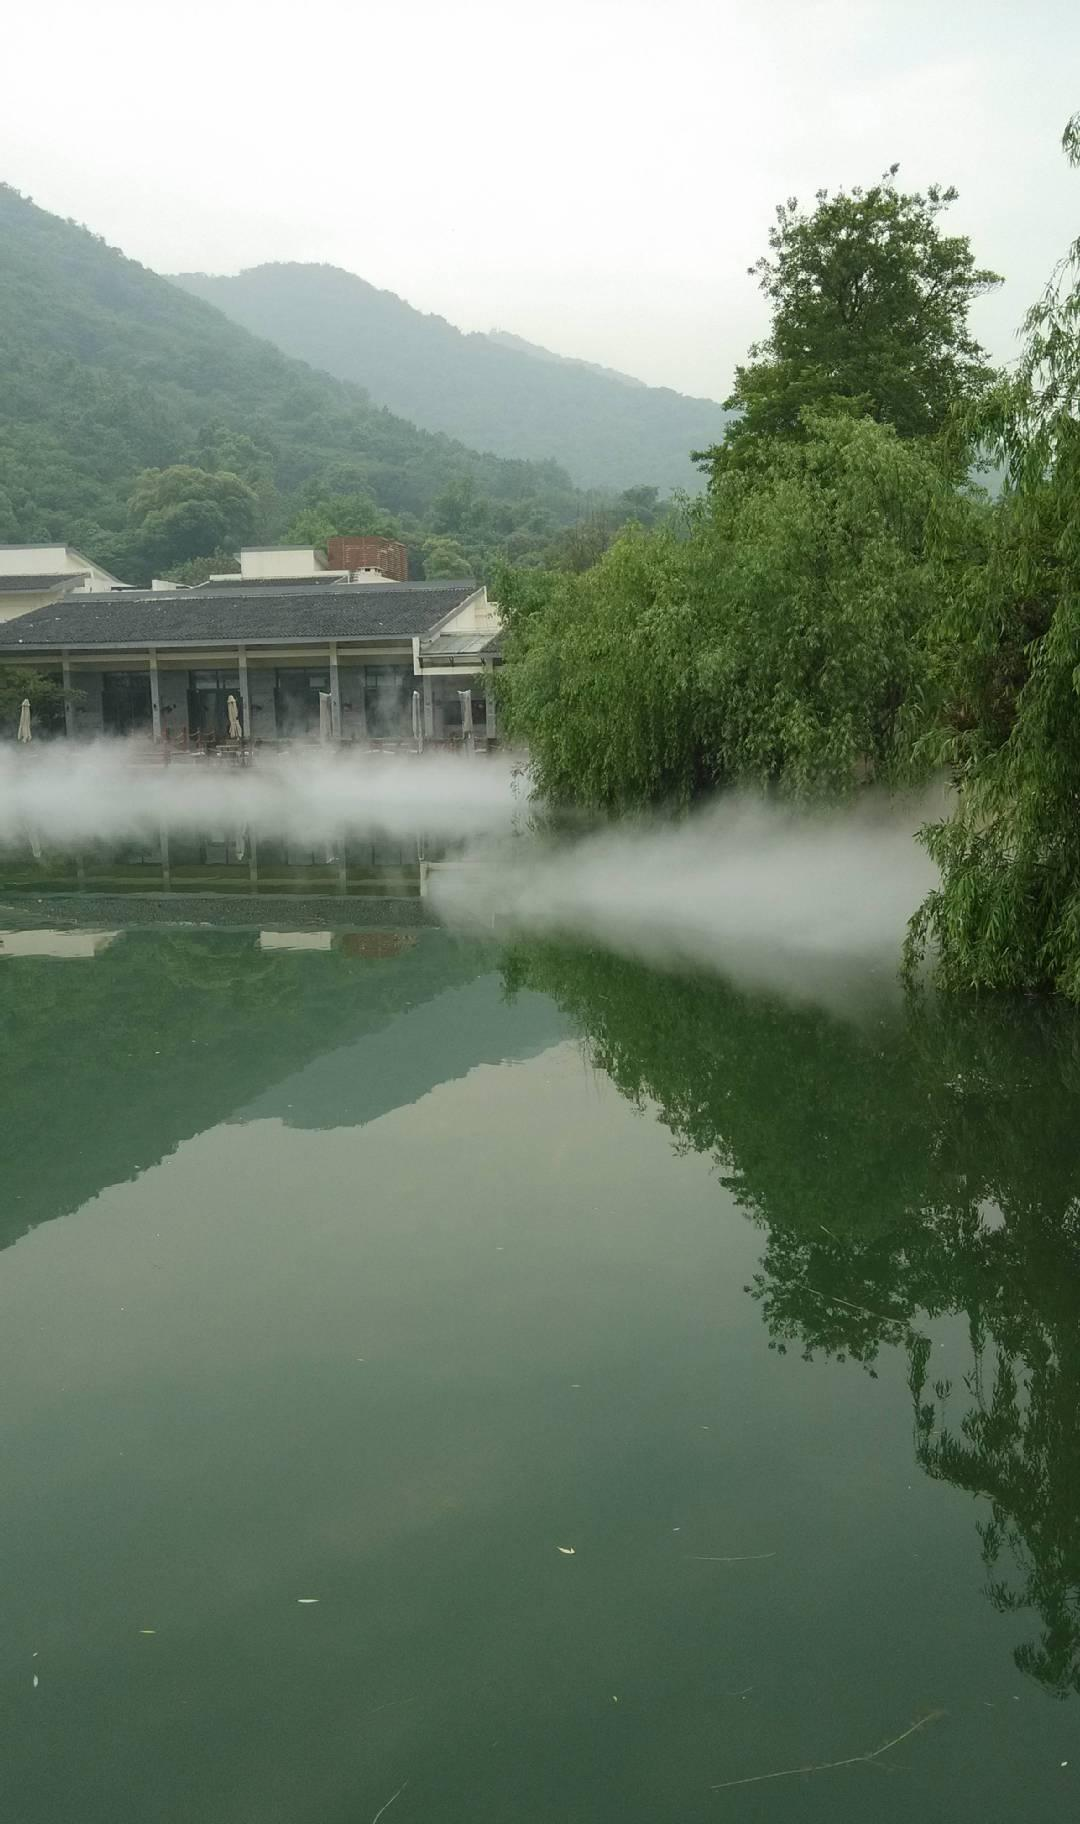 工程喷雾人造雾雾森景观系统喷雾园林喷雾造鑫耀装修公司设计师图片